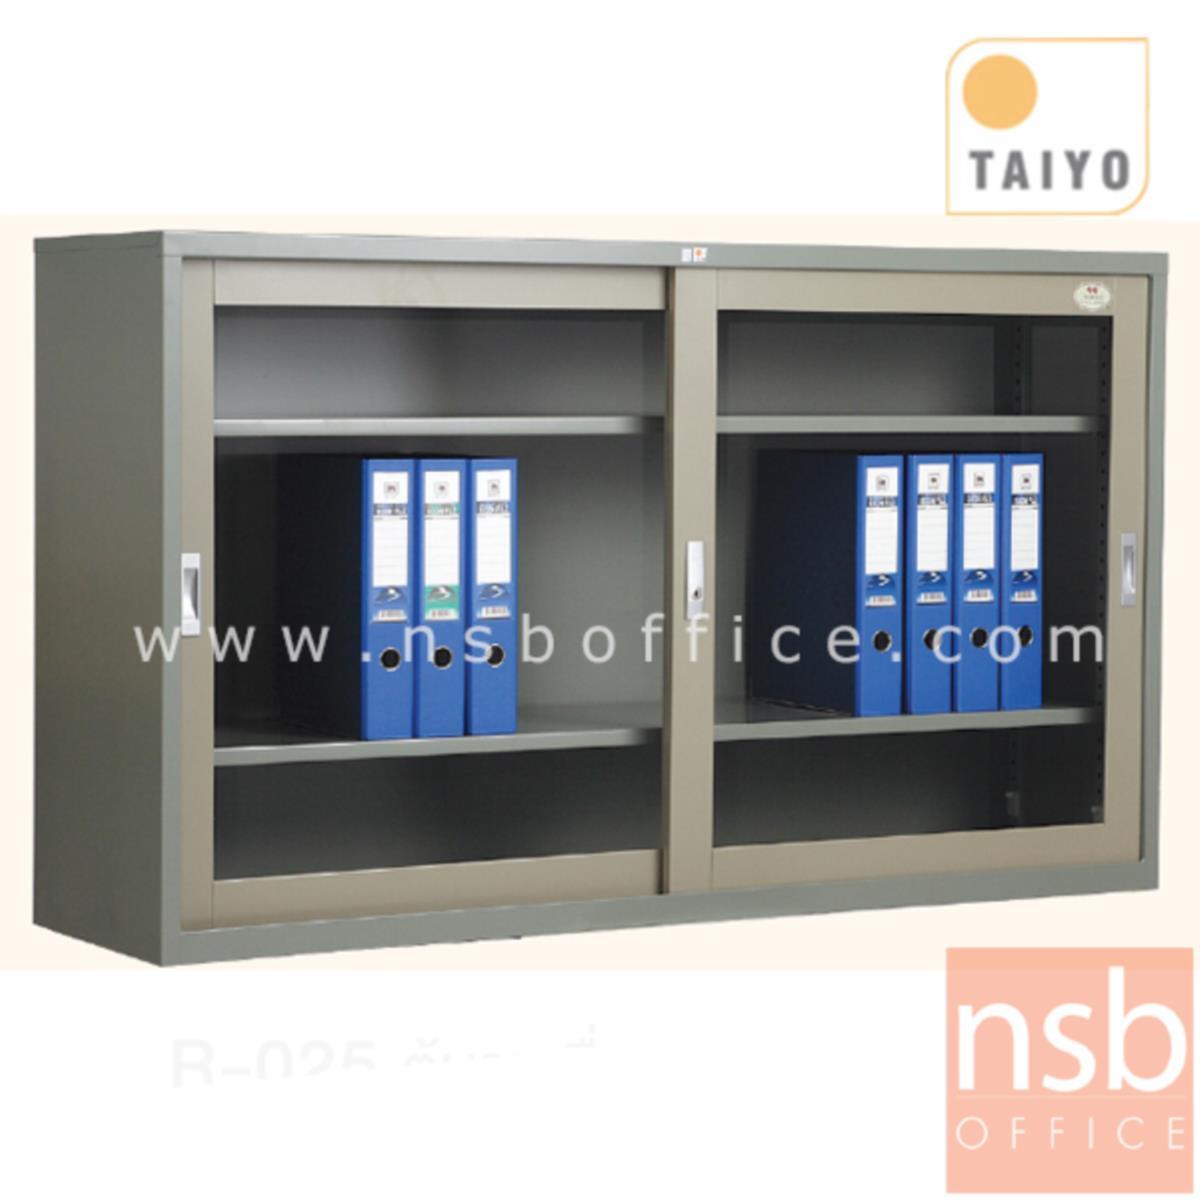 ตู้เหล็กบานเลื่อนกระจกเตี้ย สูง 88 ซม.  รุ่น R-022,R-024,R-025 (ขนาด 3,4,5 ฟุต) ระบบลูกล้อจากญี่ปุ่น